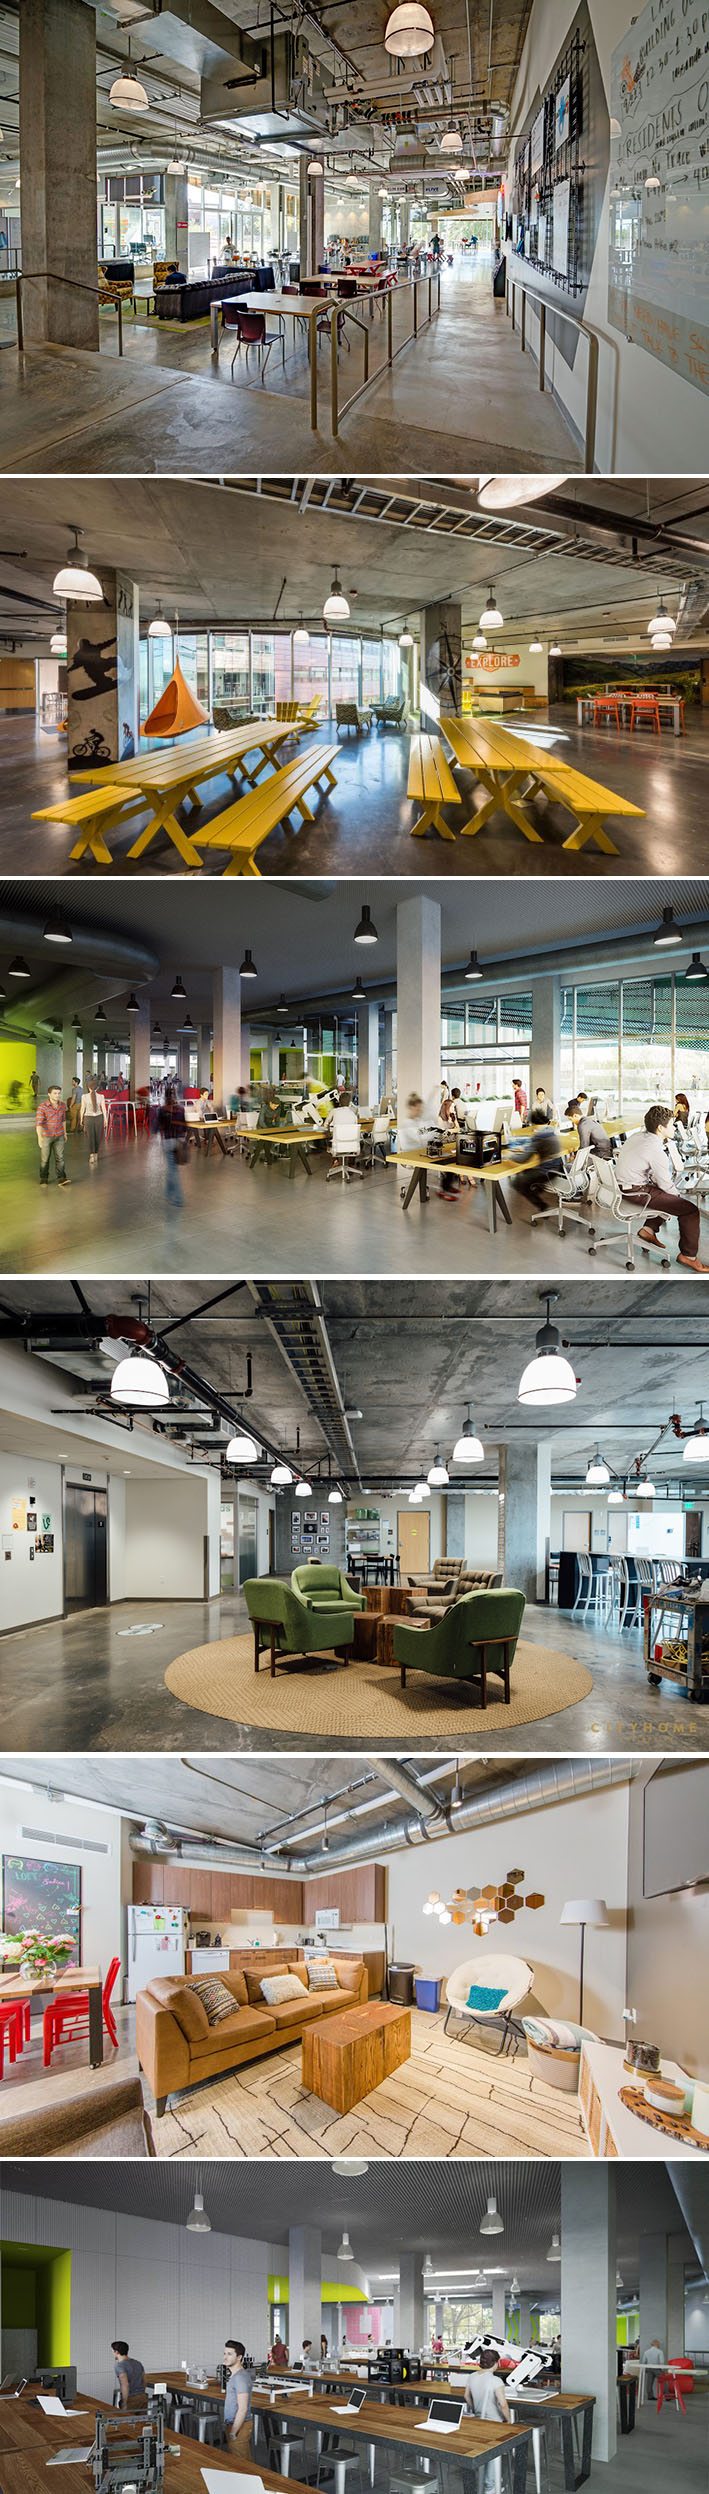 Lassonde Studios, um inovador espaço onde estudantes vivem, criam e lançam empresas stylo urbano